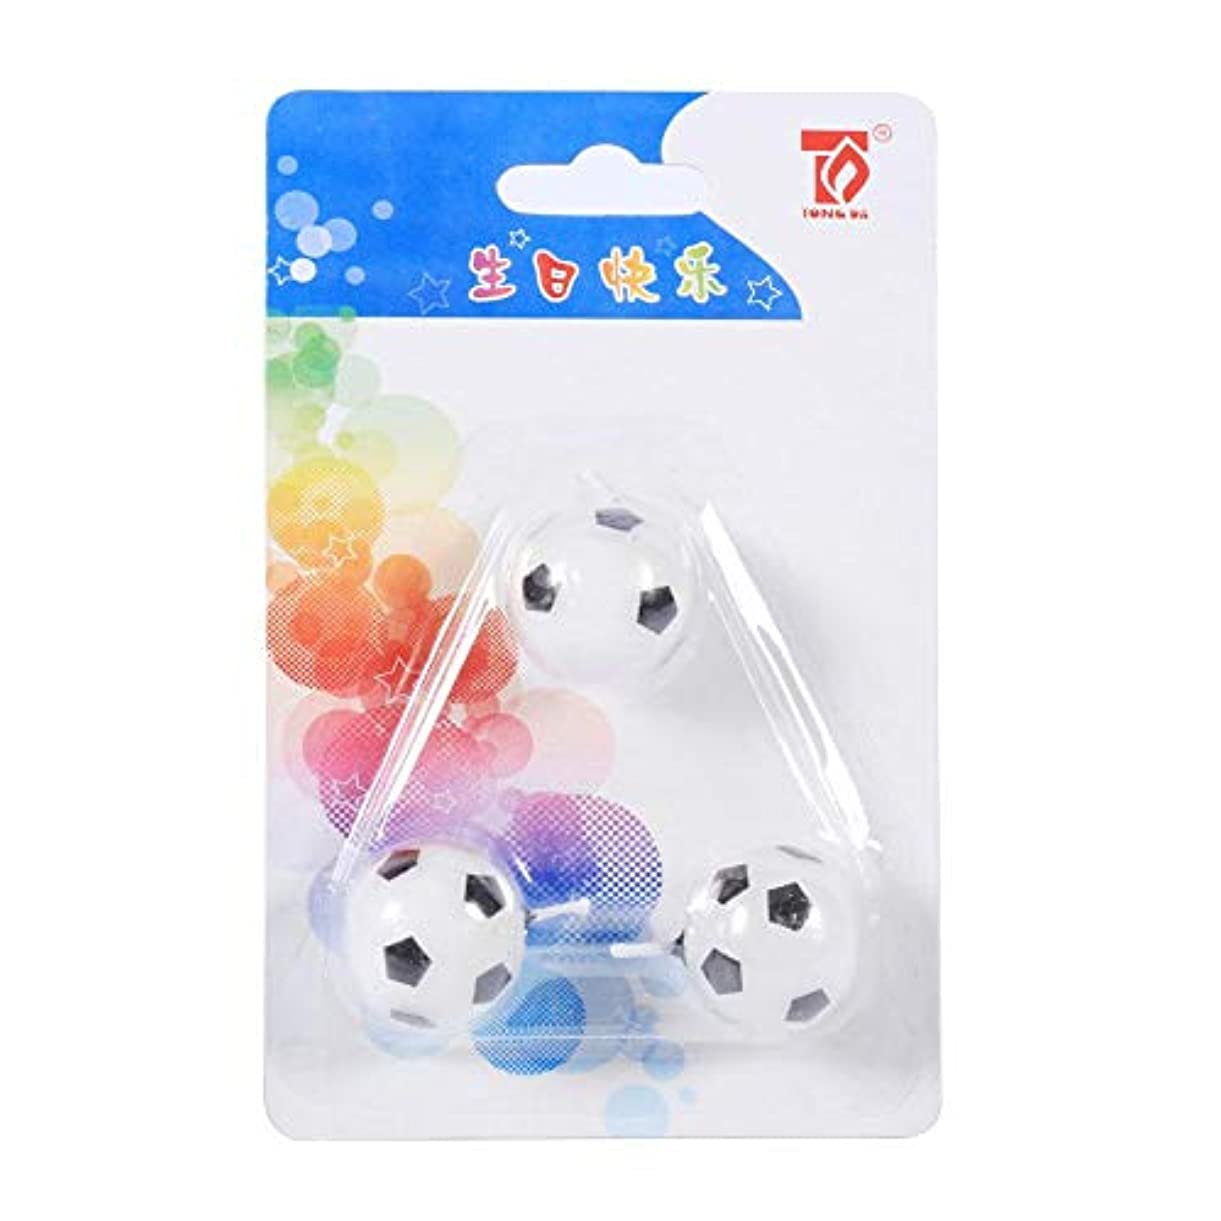 いじめっ子珍しい平均Eboxer キャンドル サッカーボールキャンドル キャンドル誕生日 子供向 3個入 サッカーボールの形 誕生日 パーティケーキのキャンドル 飾り物 可愛い